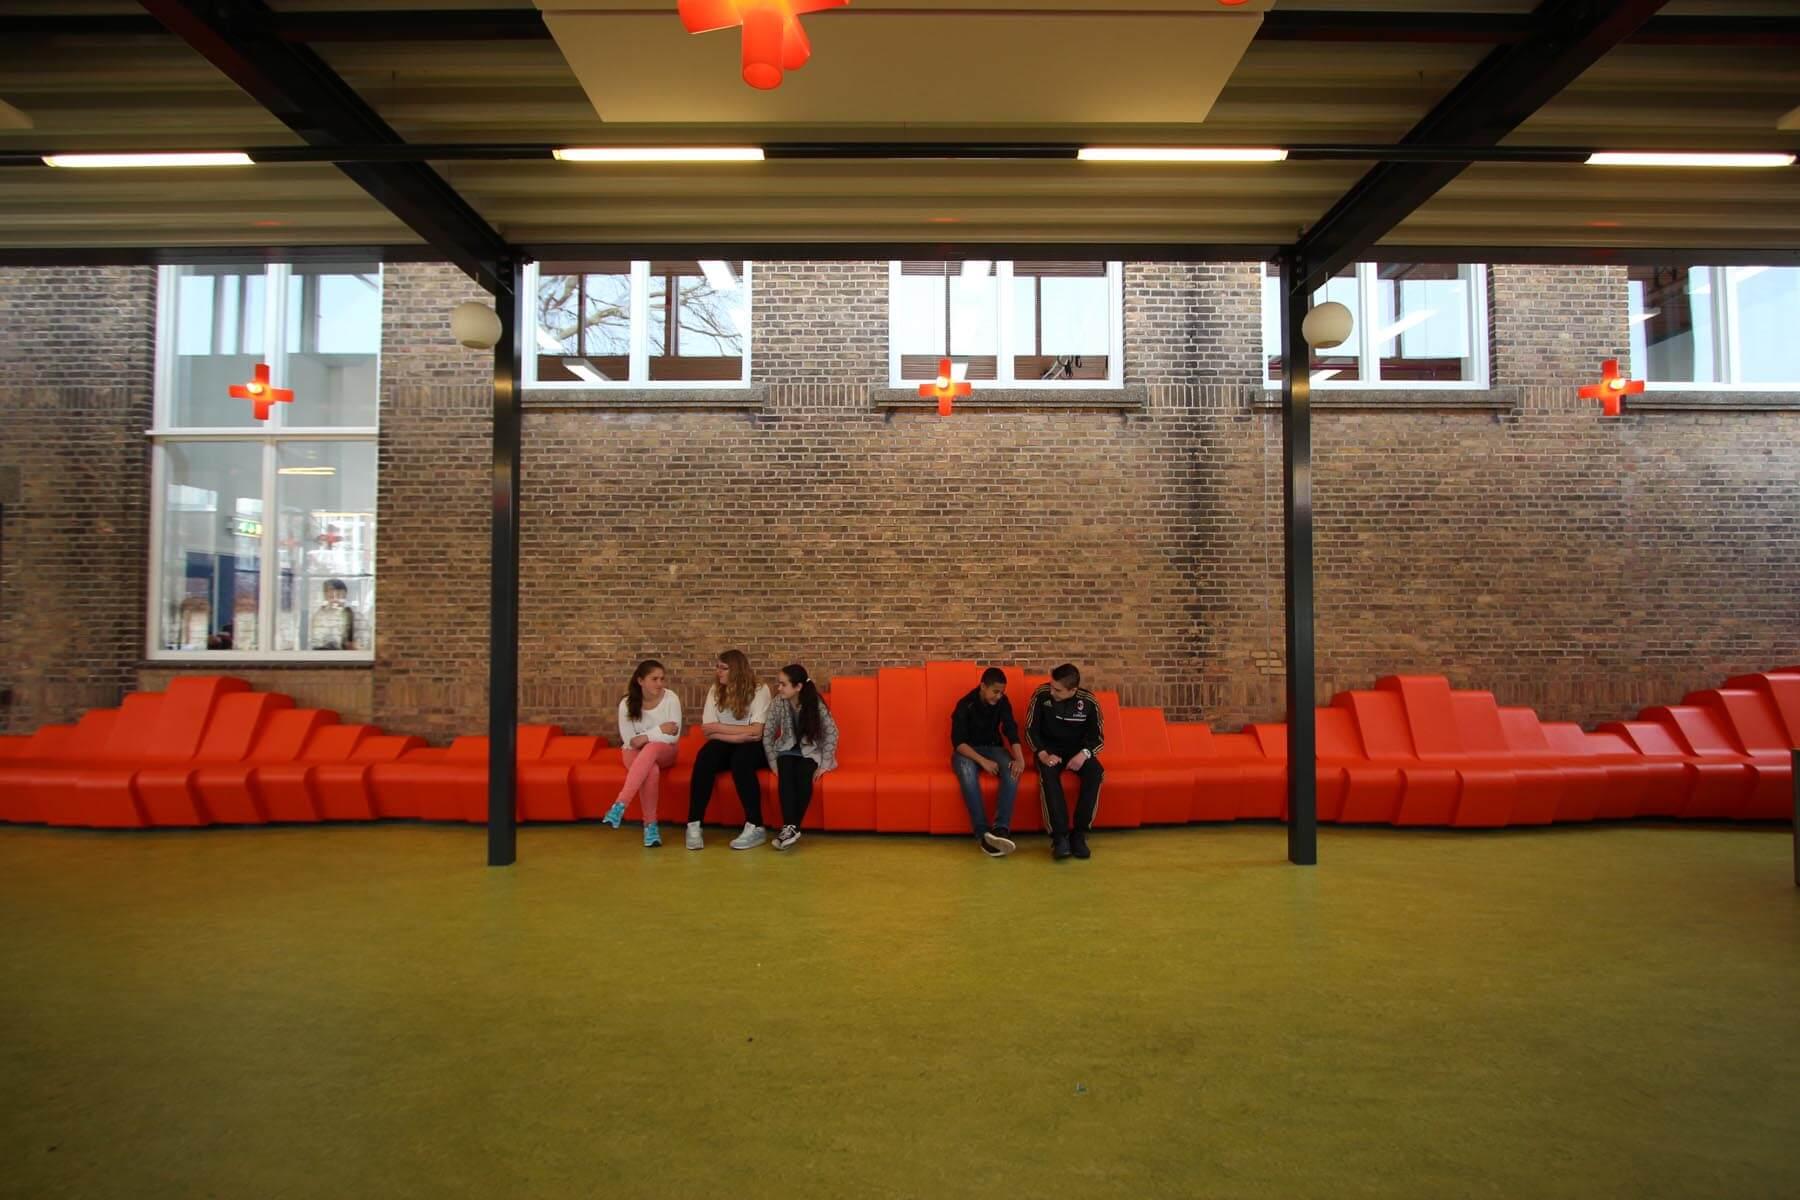 Aanbouw aula VMBO Statenkwartier, Den Haag - 1